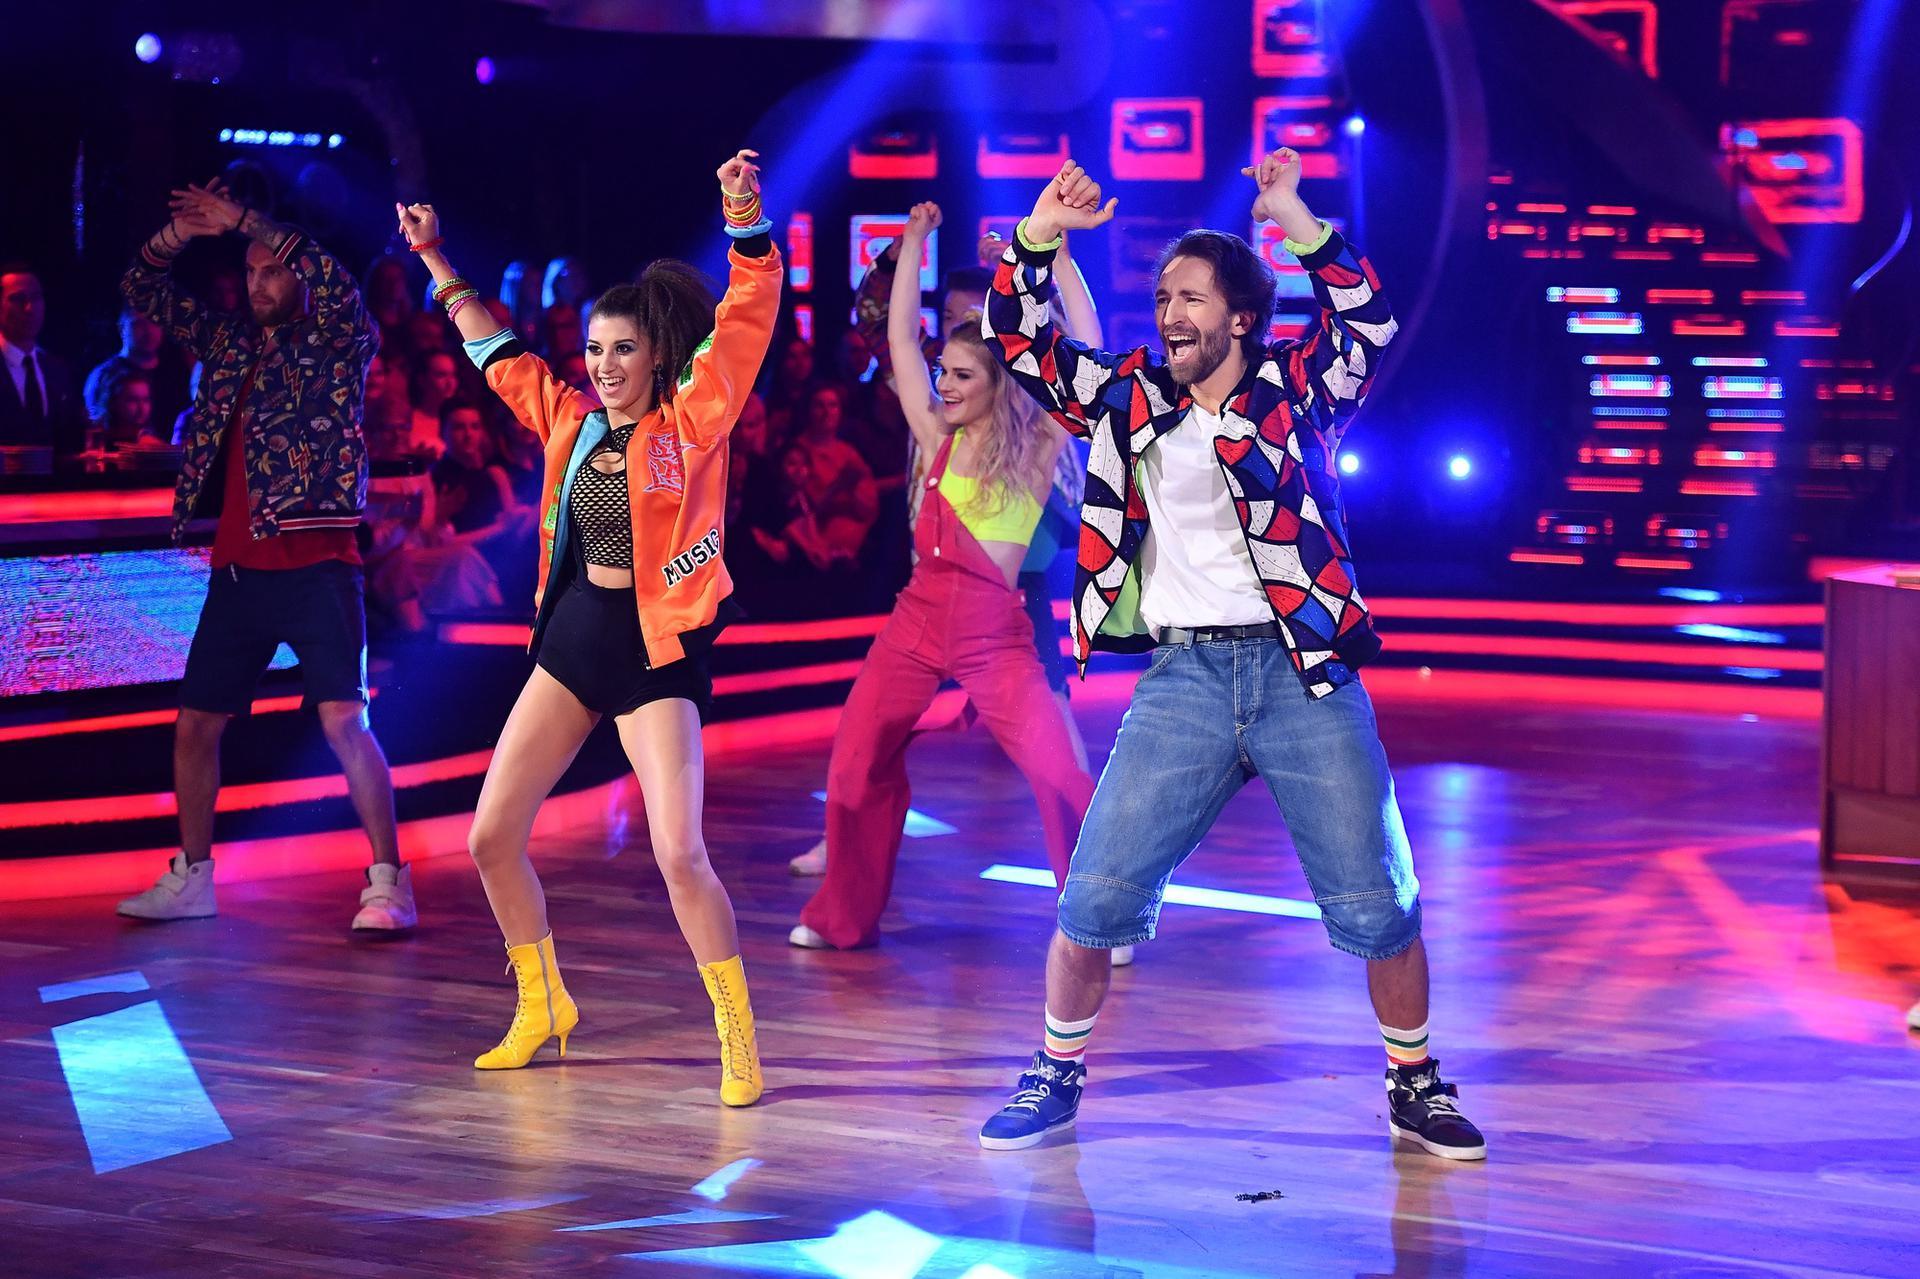 Tańczą z profesjonalistami z gwiazdami